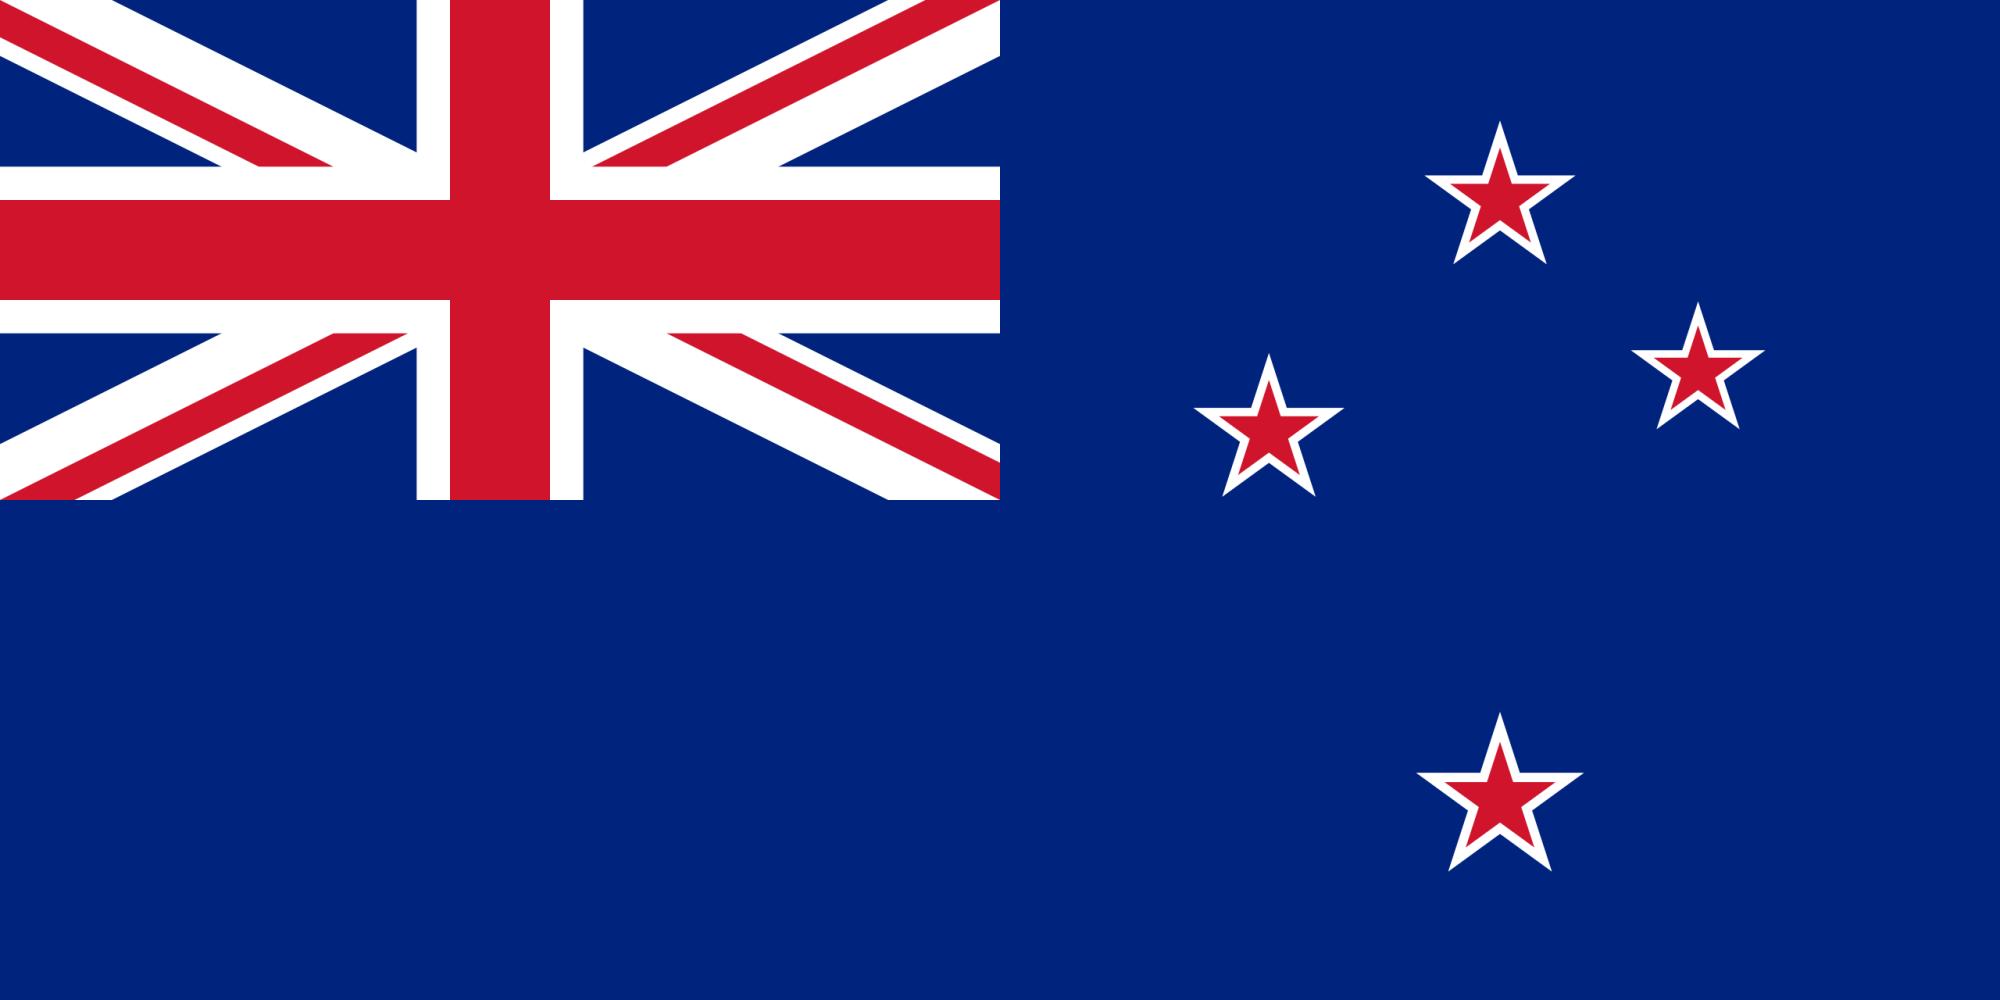 日本は働きにくい環境? 「ビジネスのしやすさ」ランキングから考える1位ニュージーランドとの違い 4番目の画像